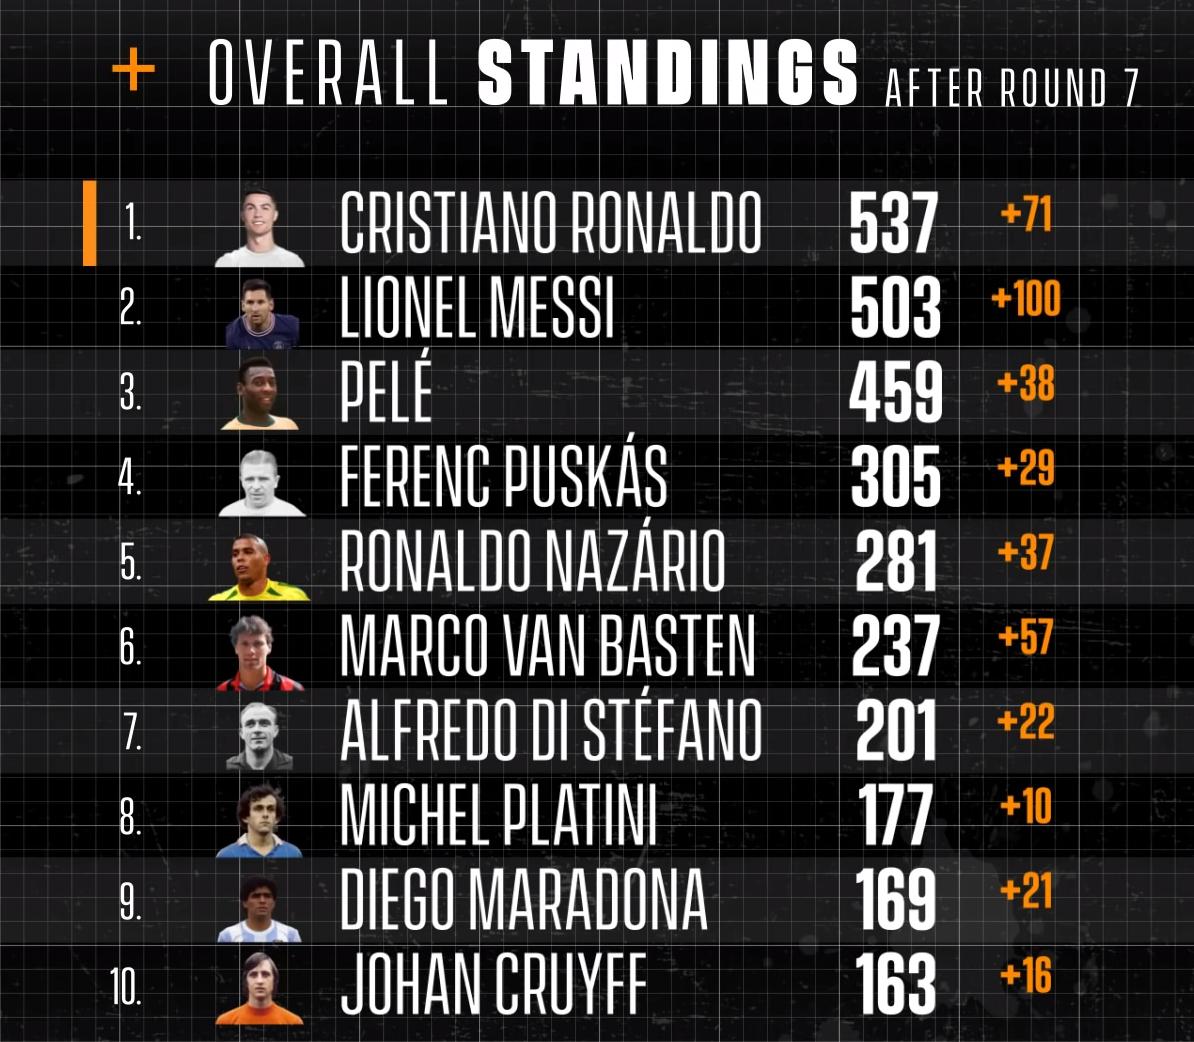 Роналду набрал 537 очков из 700